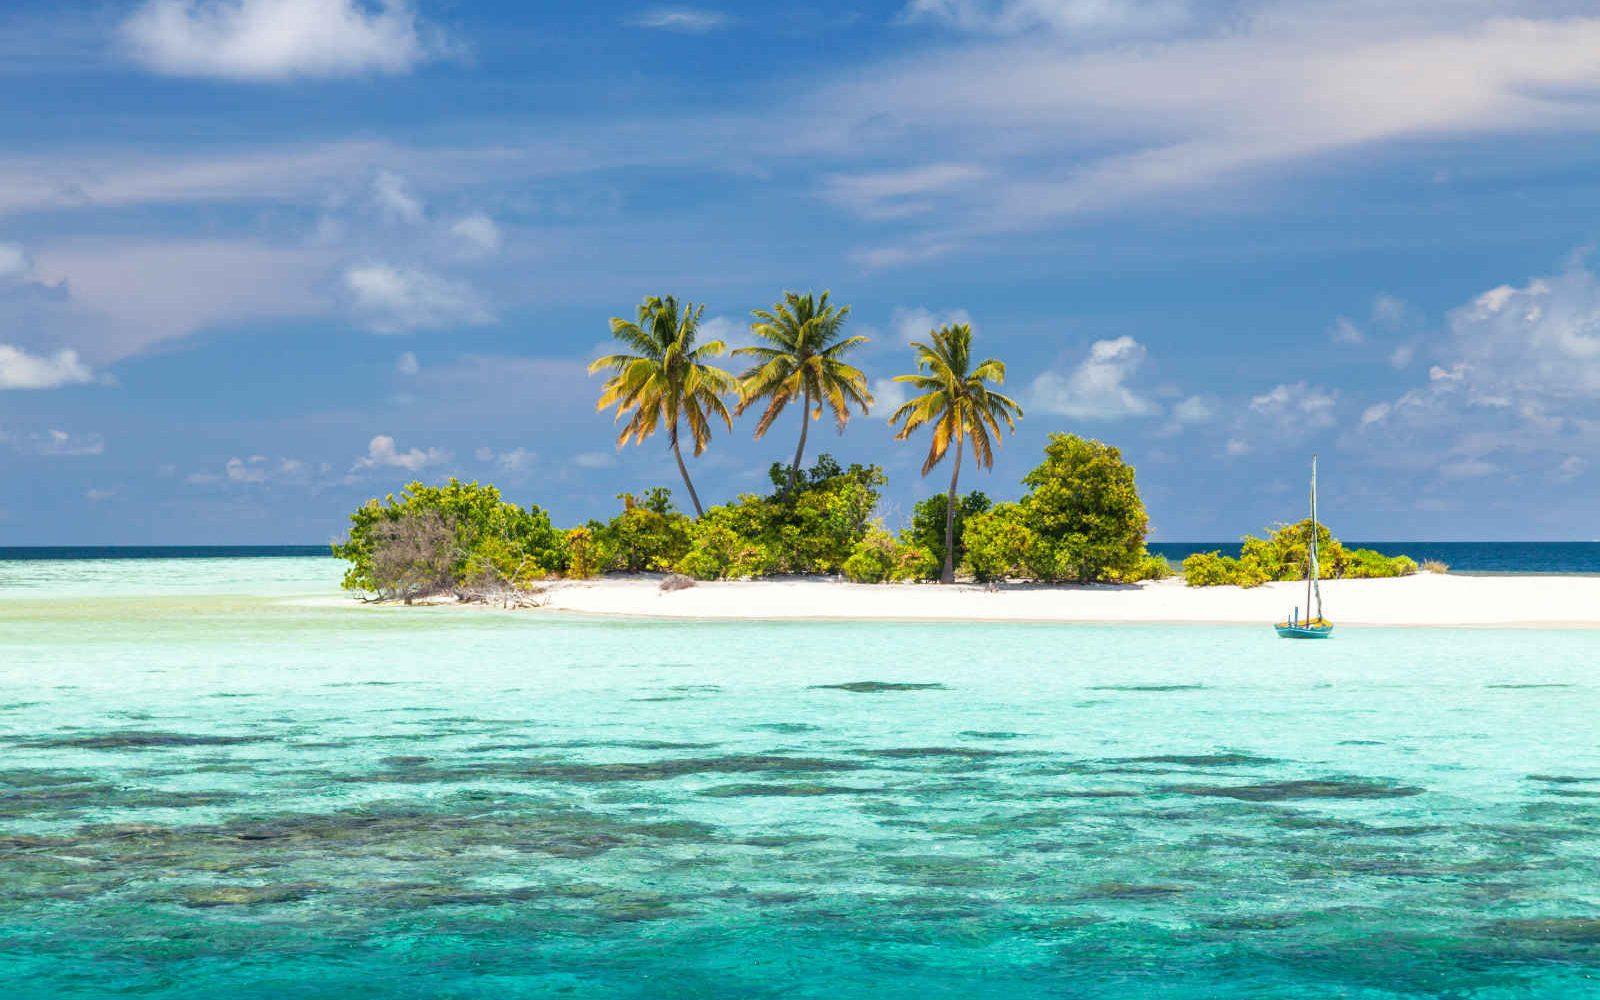 Ile déserte et bateau traditionnel, Maldives